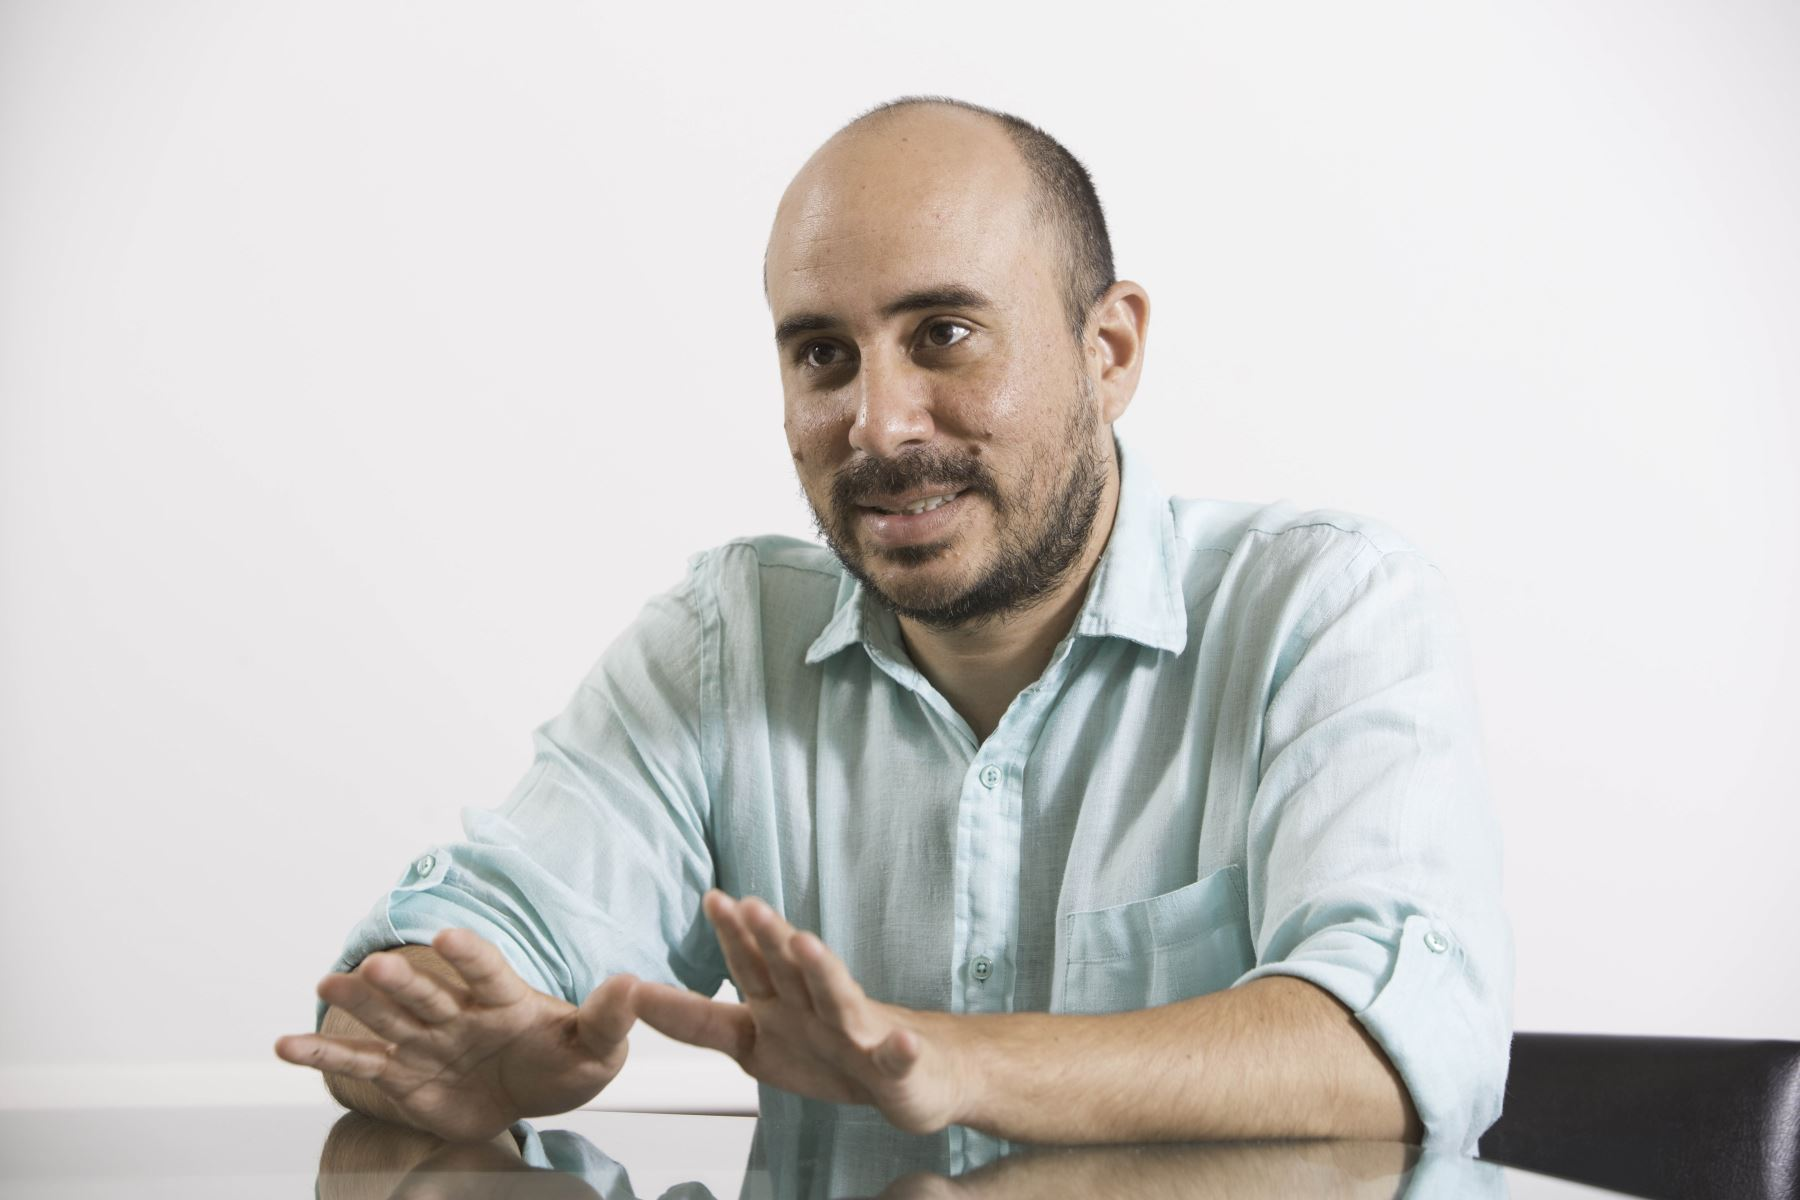 Presidente del CADE Universitario 2018, Elohim Monard Cortesía